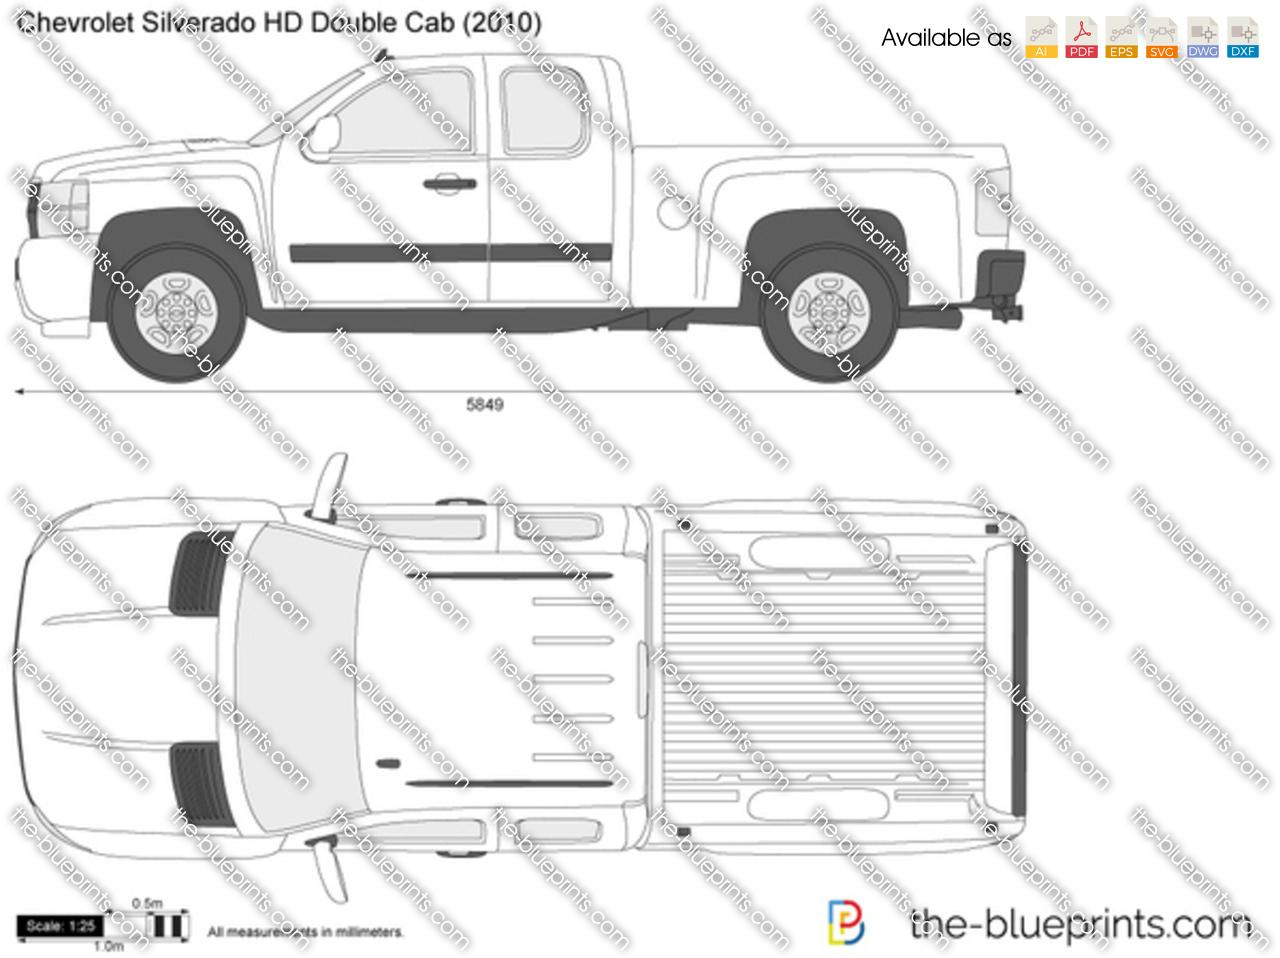 Chevrolet Silverado HD Double Cab 2008